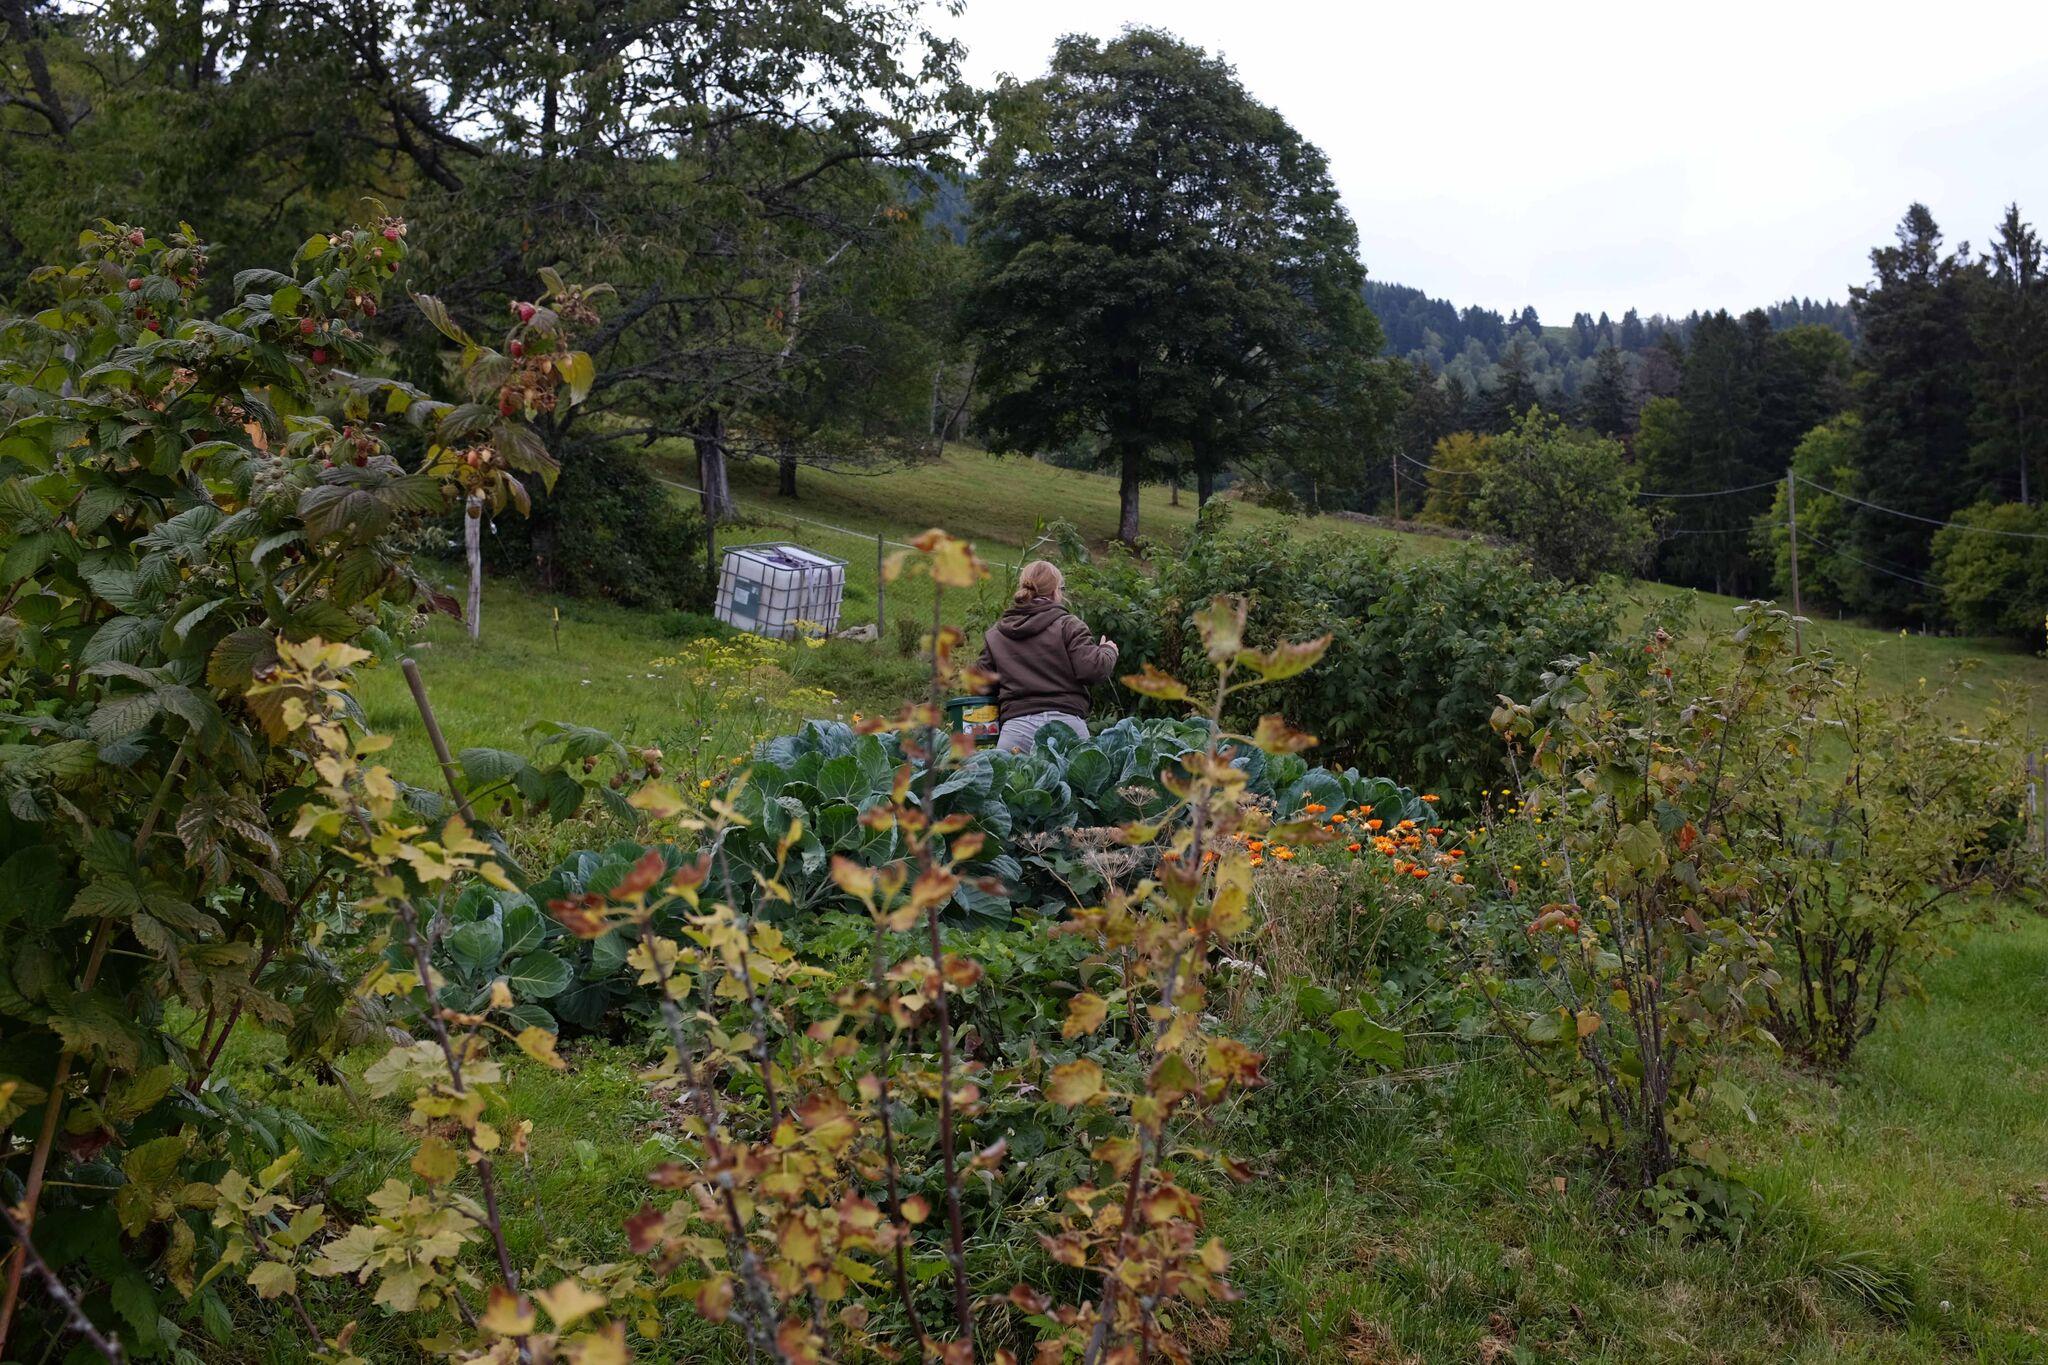 La collecte des limaces au jardin (© Noëlle Guillot).